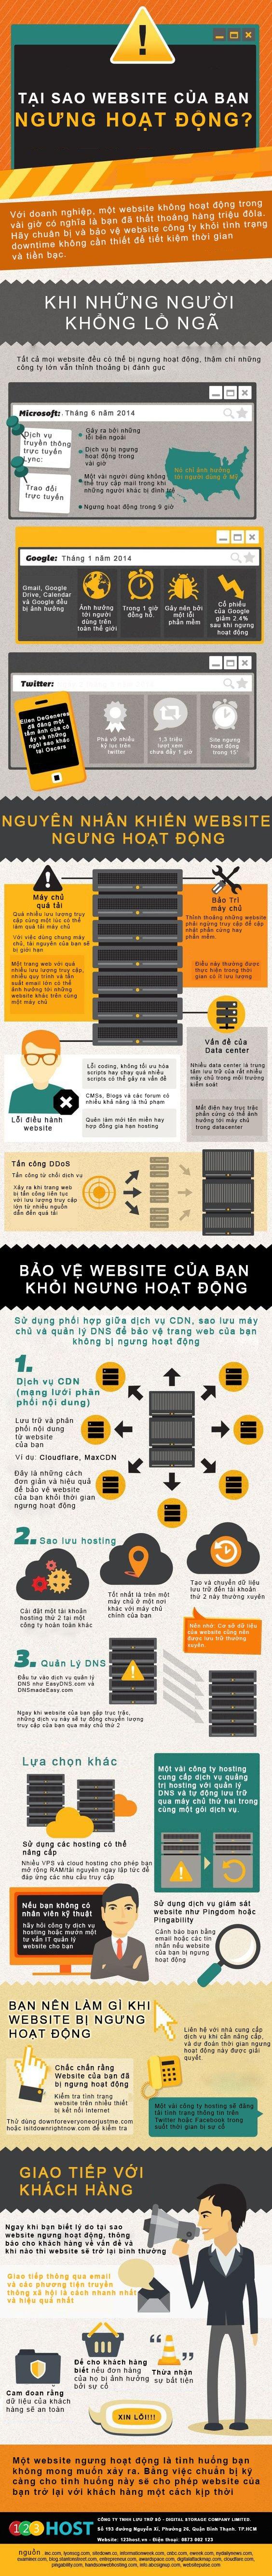 MKT0200200_TAI-SAO-WEBSITE-CUA-BAN-NGUNG-HOAT-DONG